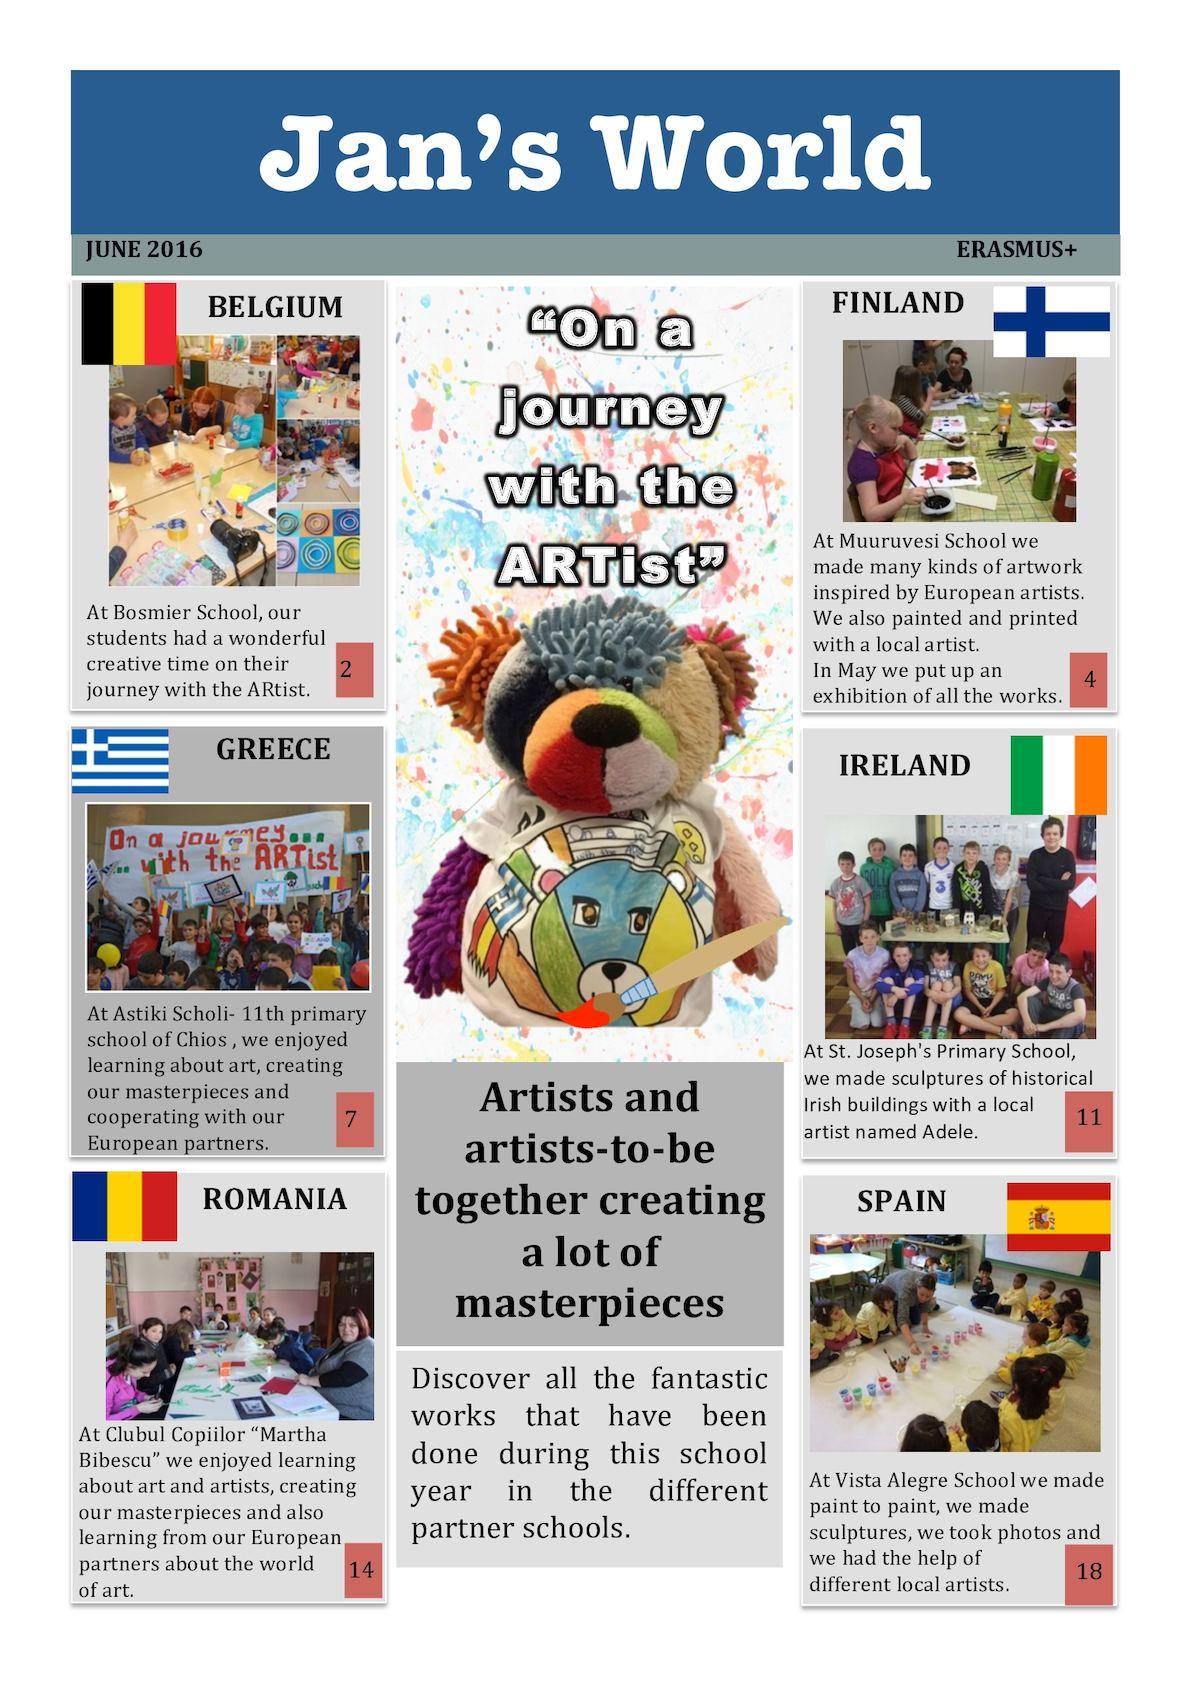 Erasmus+ Journal